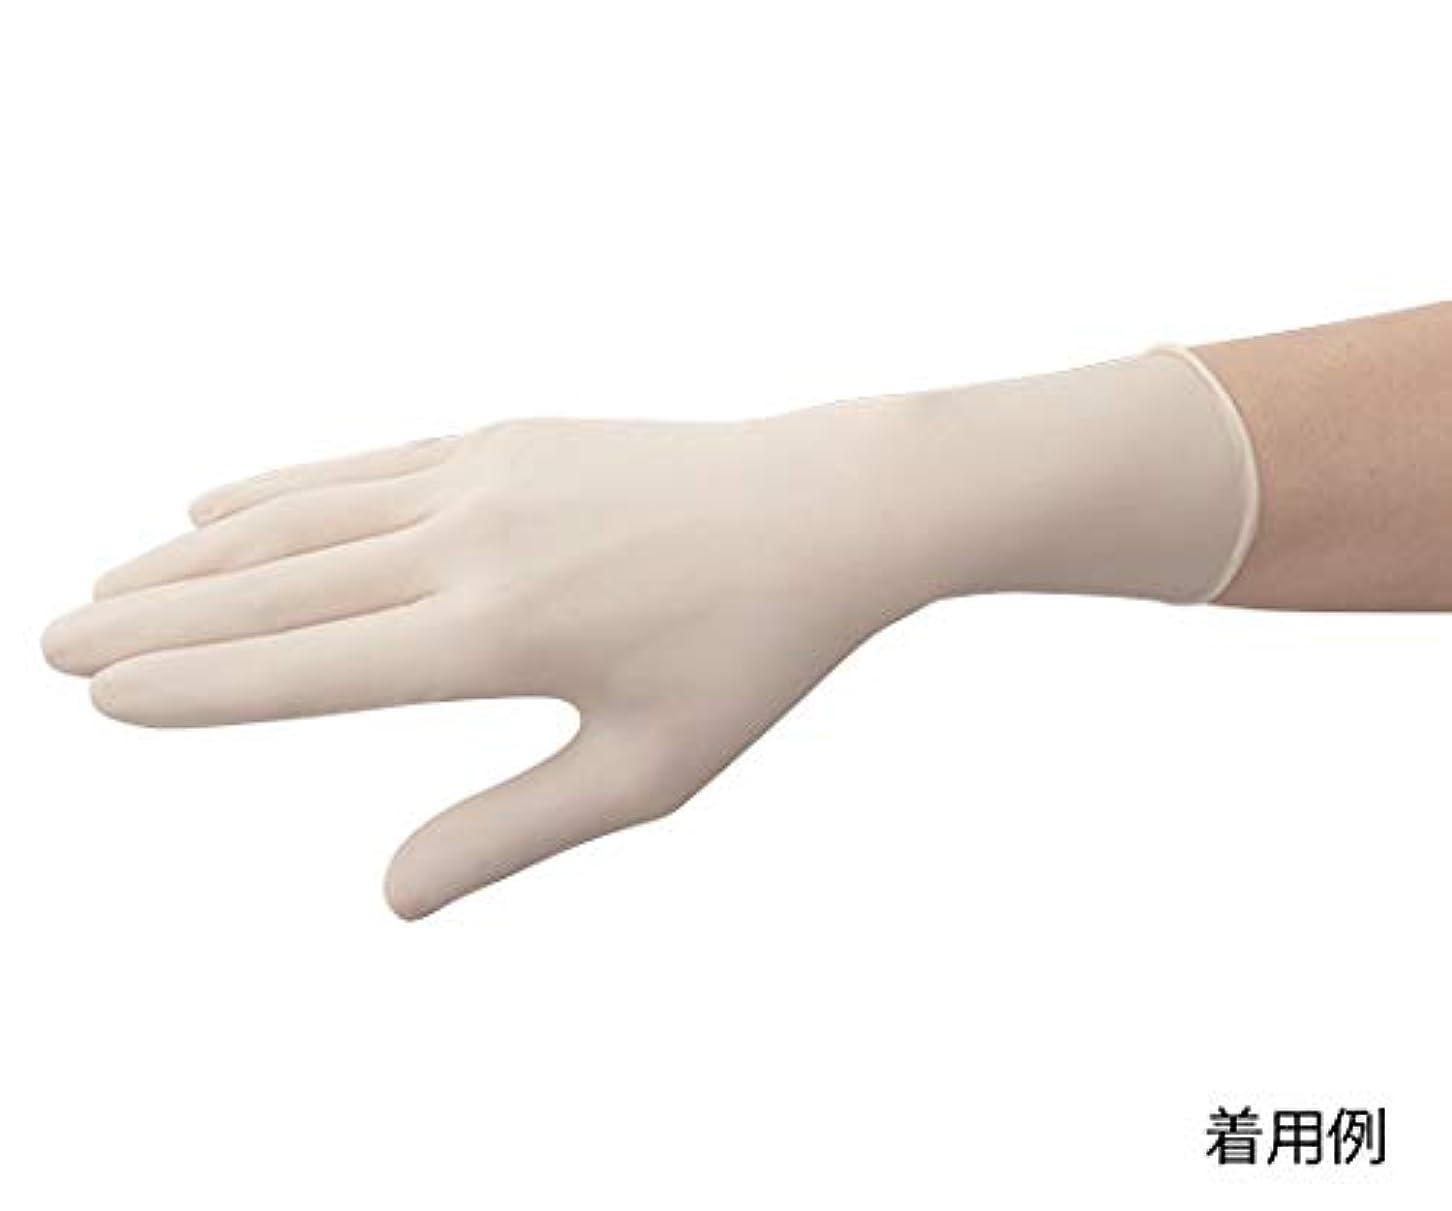 東レ?メディカル 手術用手袋メディグリップ パウダーフリー50双 8155MG